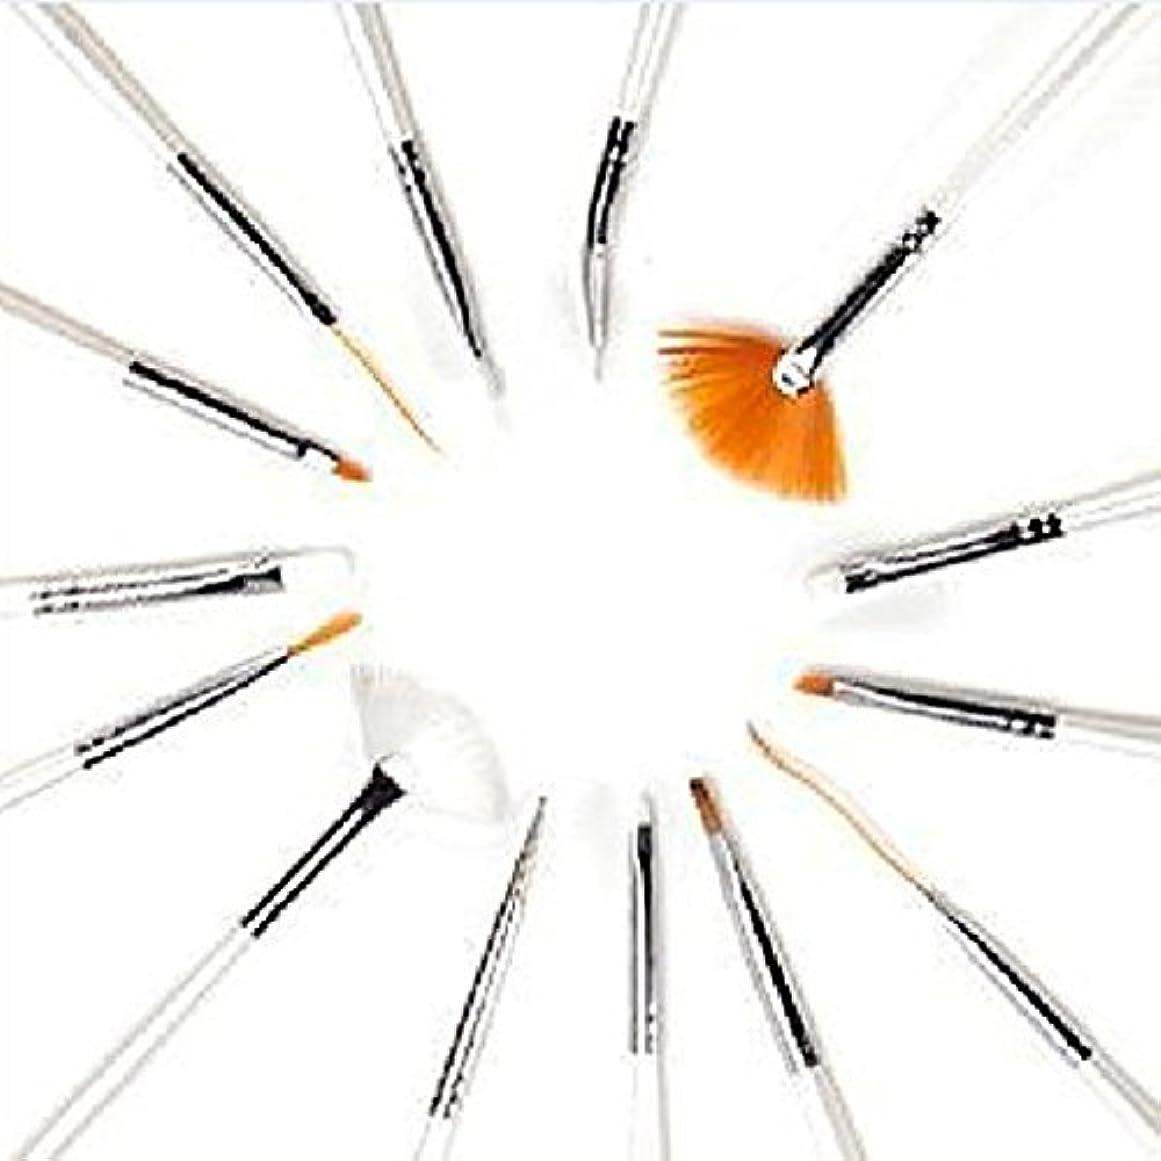 上向きハリケーンHommy 15ピース UVジェルデザインペイント ペン ネイルアート ブラシ セット サロン用 マニキュア DIY 道具